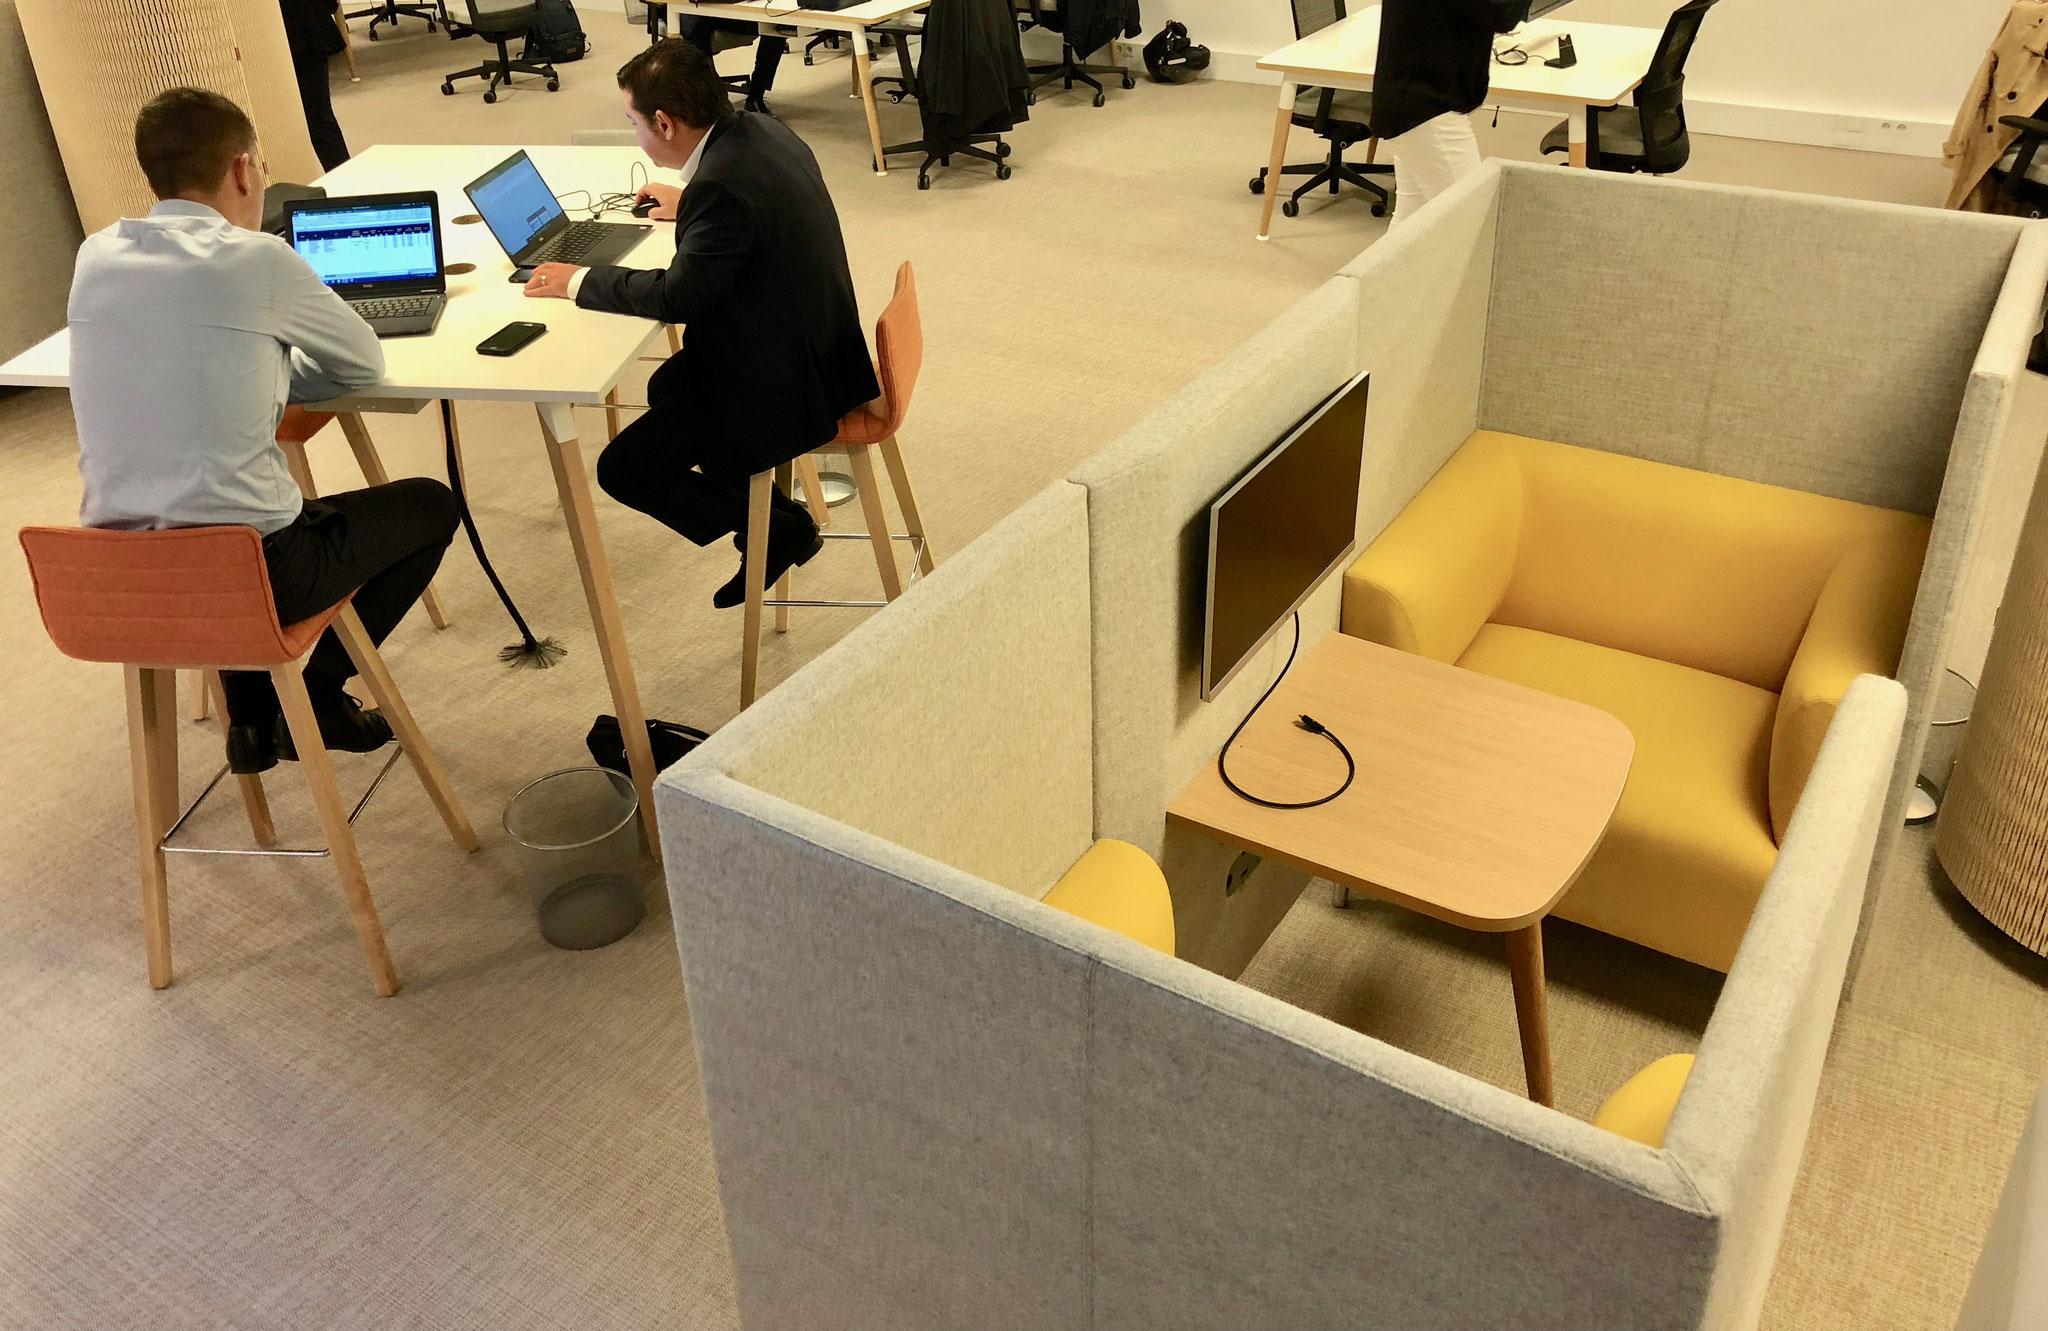 Le fauteuil Toi et Moi dans un espace de co-working crée un espace d'intimité et feutré pour la discussion